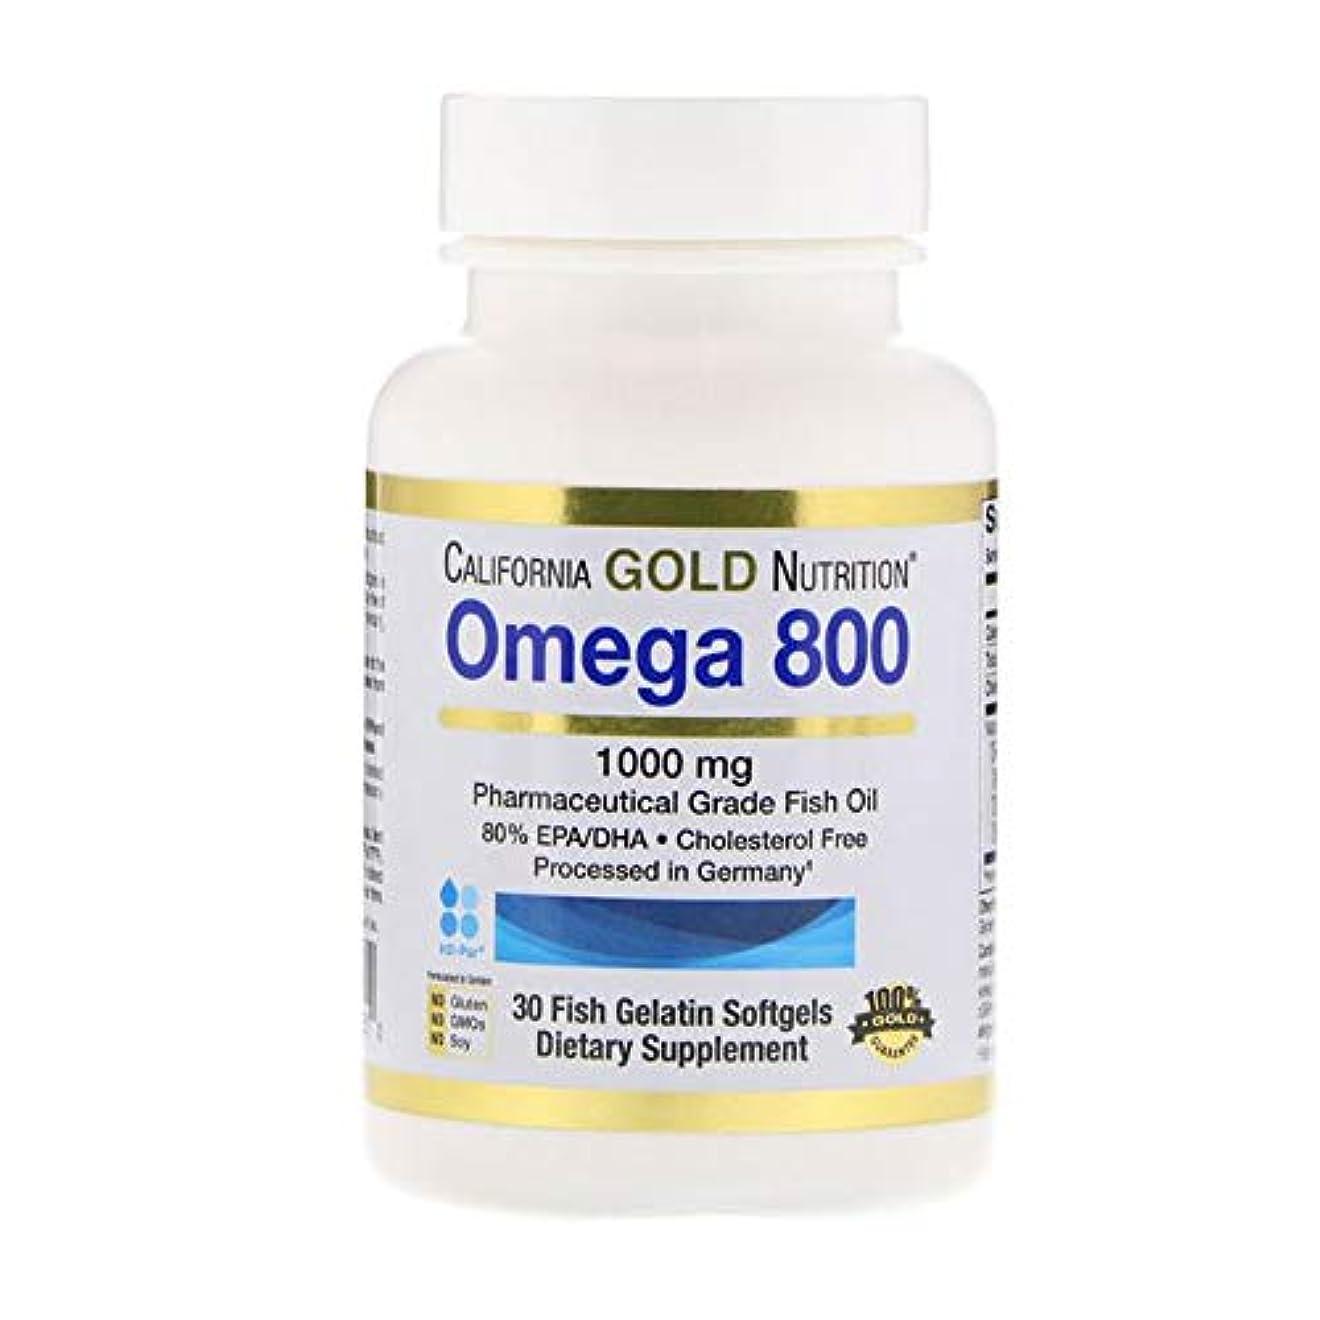 明らかにする収まる嫌がるCalifornia Gold Nutrition オメガ 800 80% EPA DHA 1000mg 30個 【アメリカ直送】